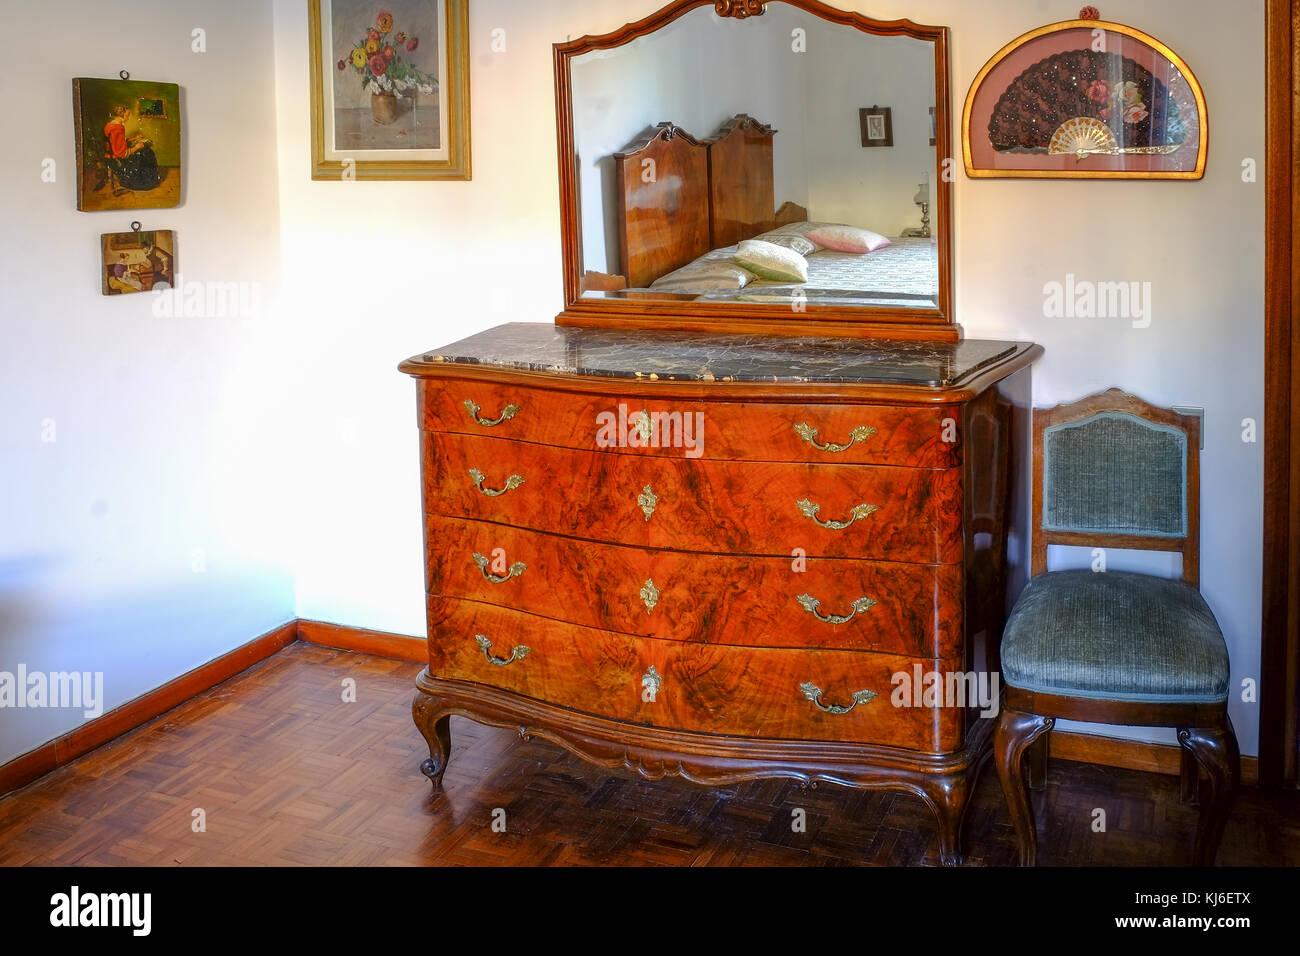 Credenza Per Camera Da Letto : Camera da letto credenza con specchio di lusso sulla cima un